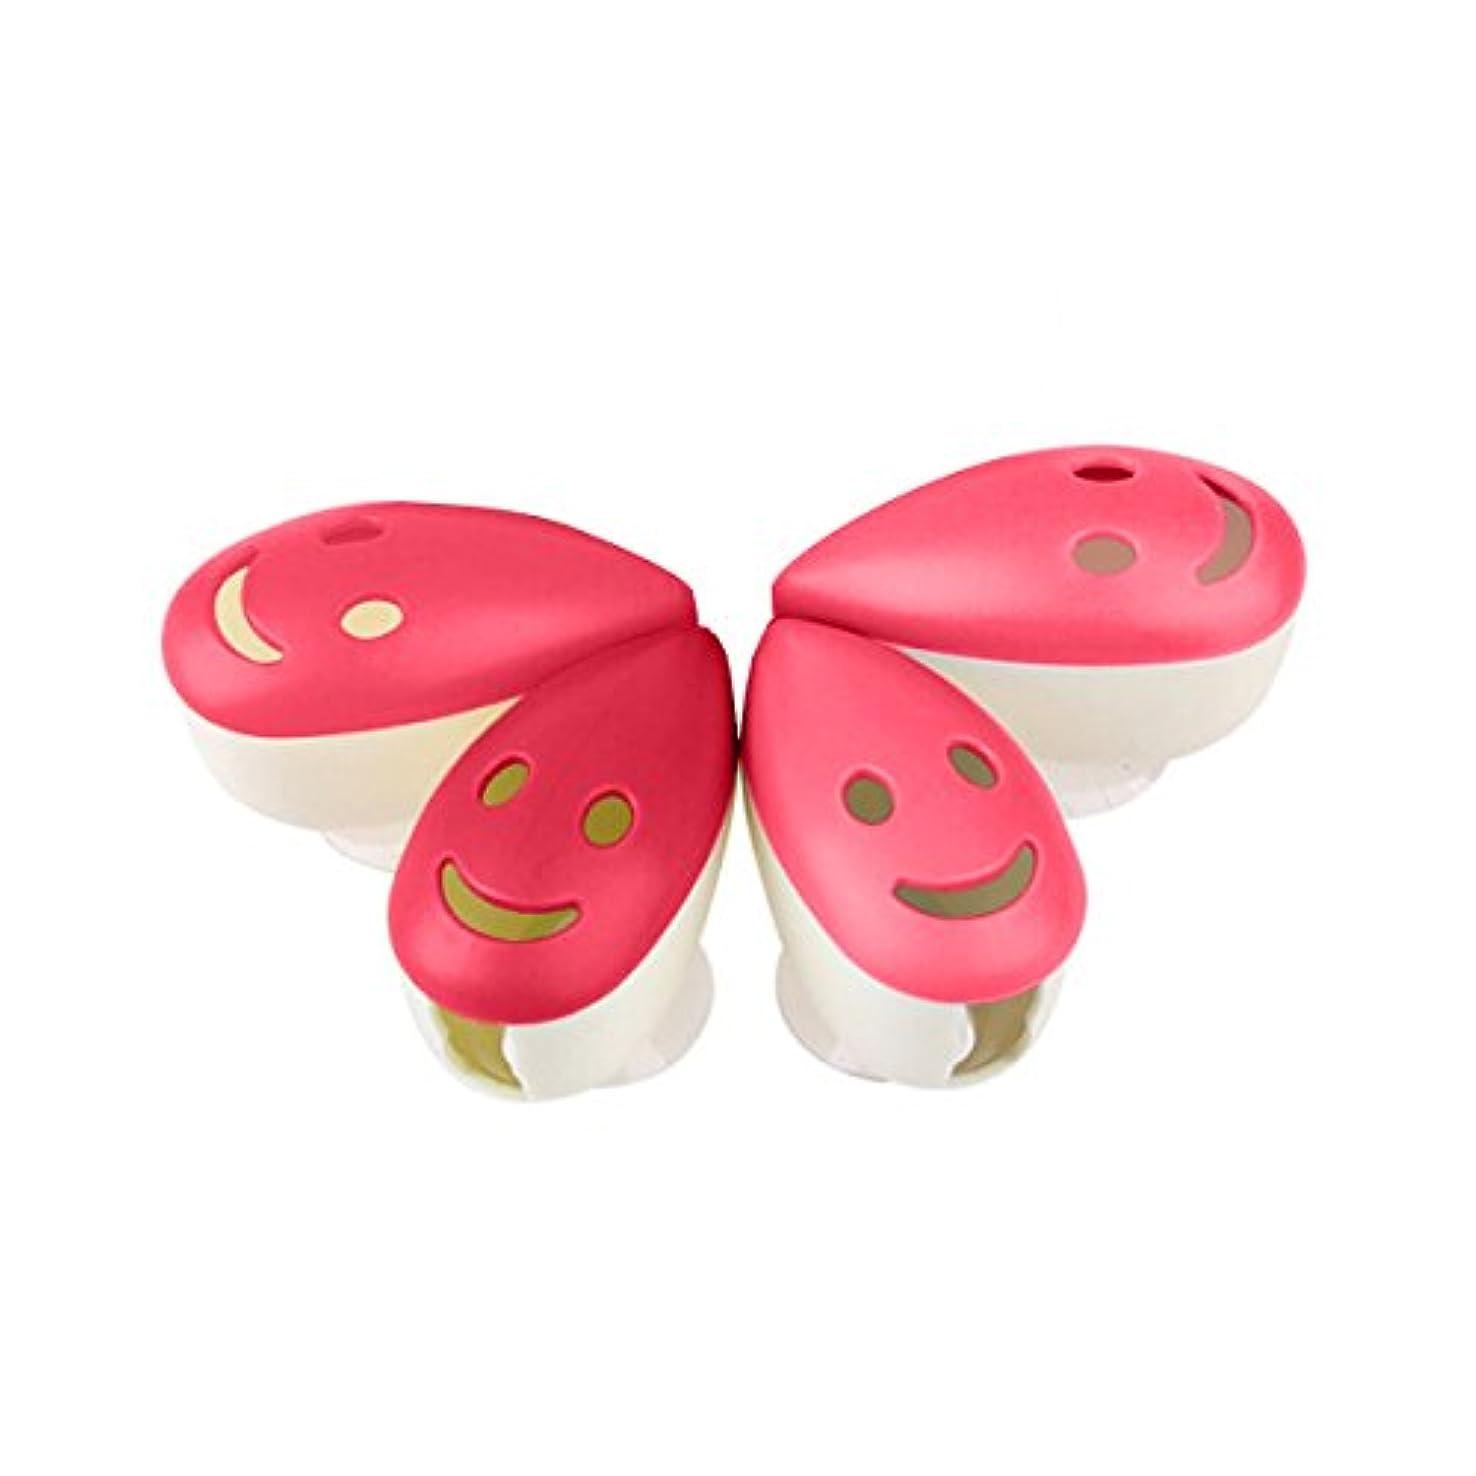 コミットメント容赦ない黙認するROSENICE 歯ブラシケース4個のスマイルフェイス抗菌歯ブラシホルダーサクションカップ(混合色)